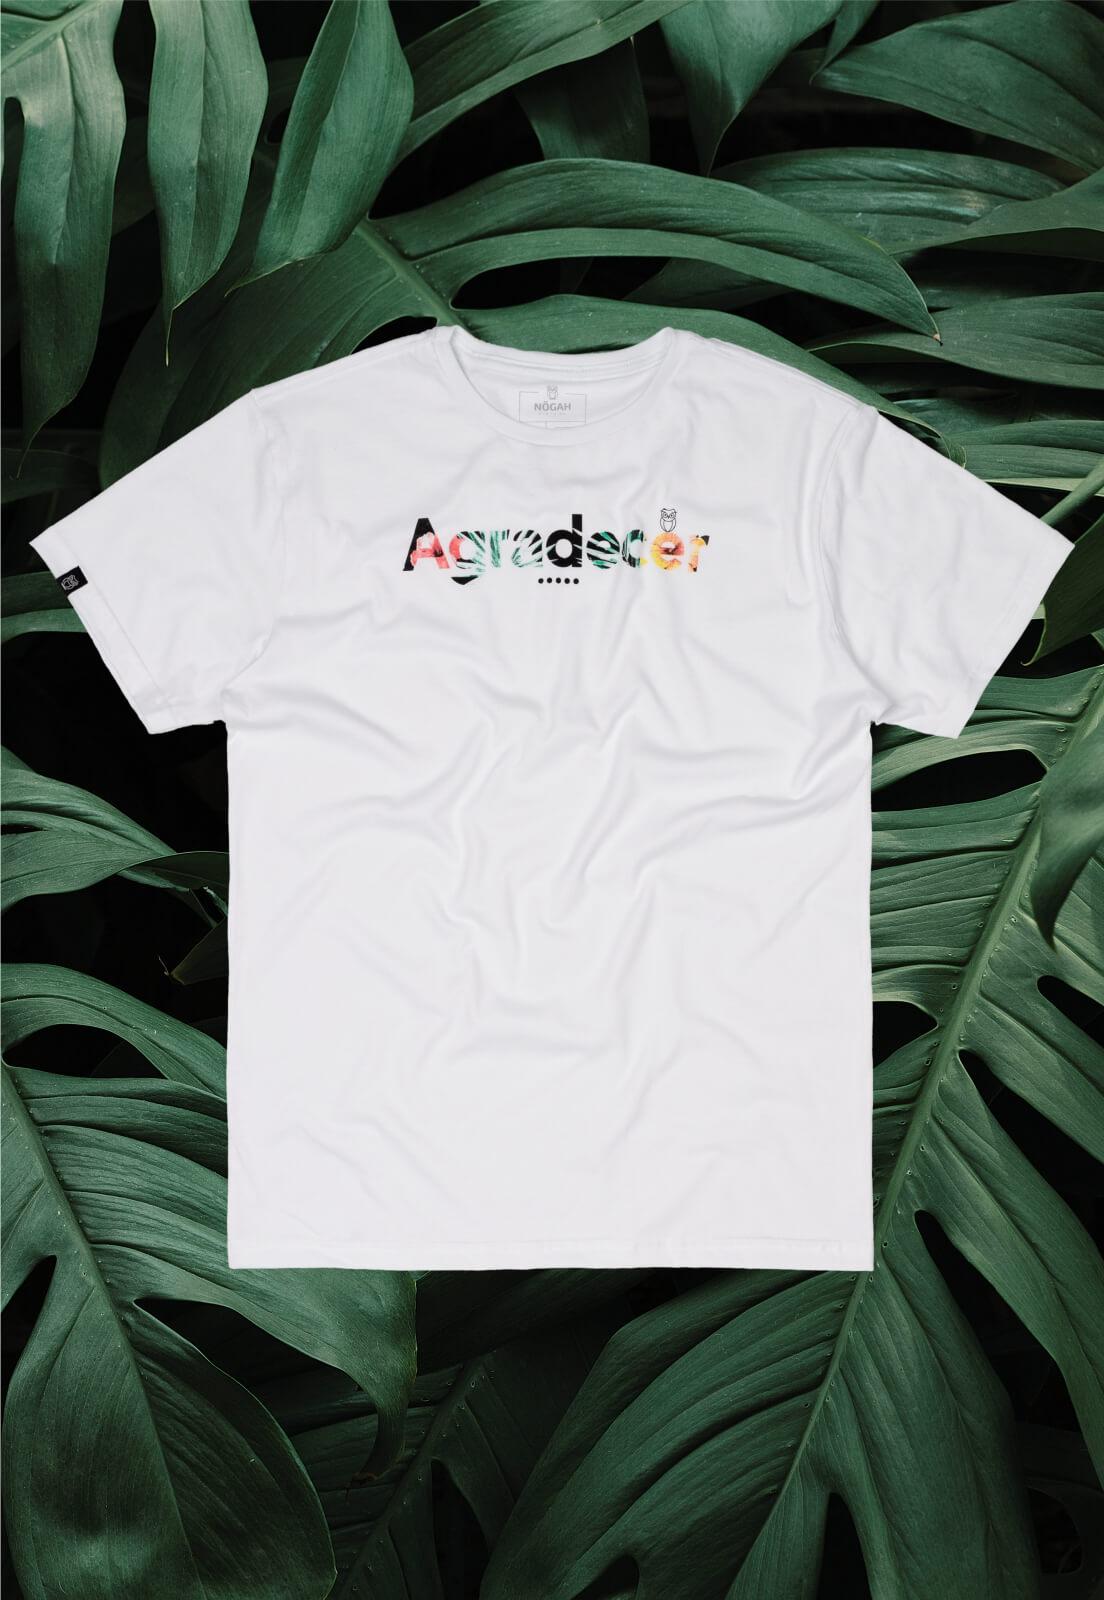 Camiseta Nogah Agradecer